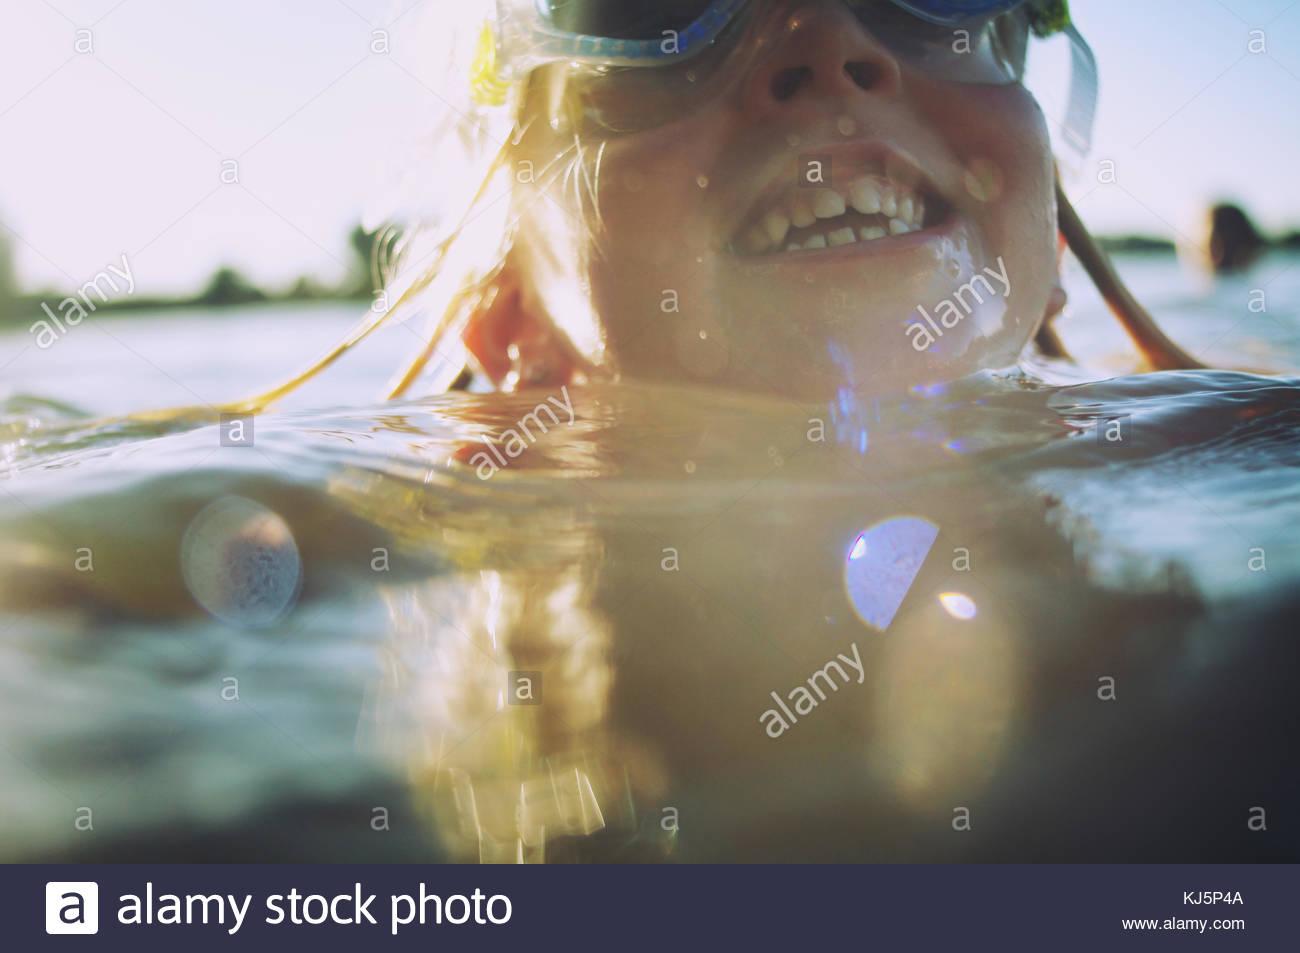 Heureux l'enfant nage avec lunettes de natation Photo Stock